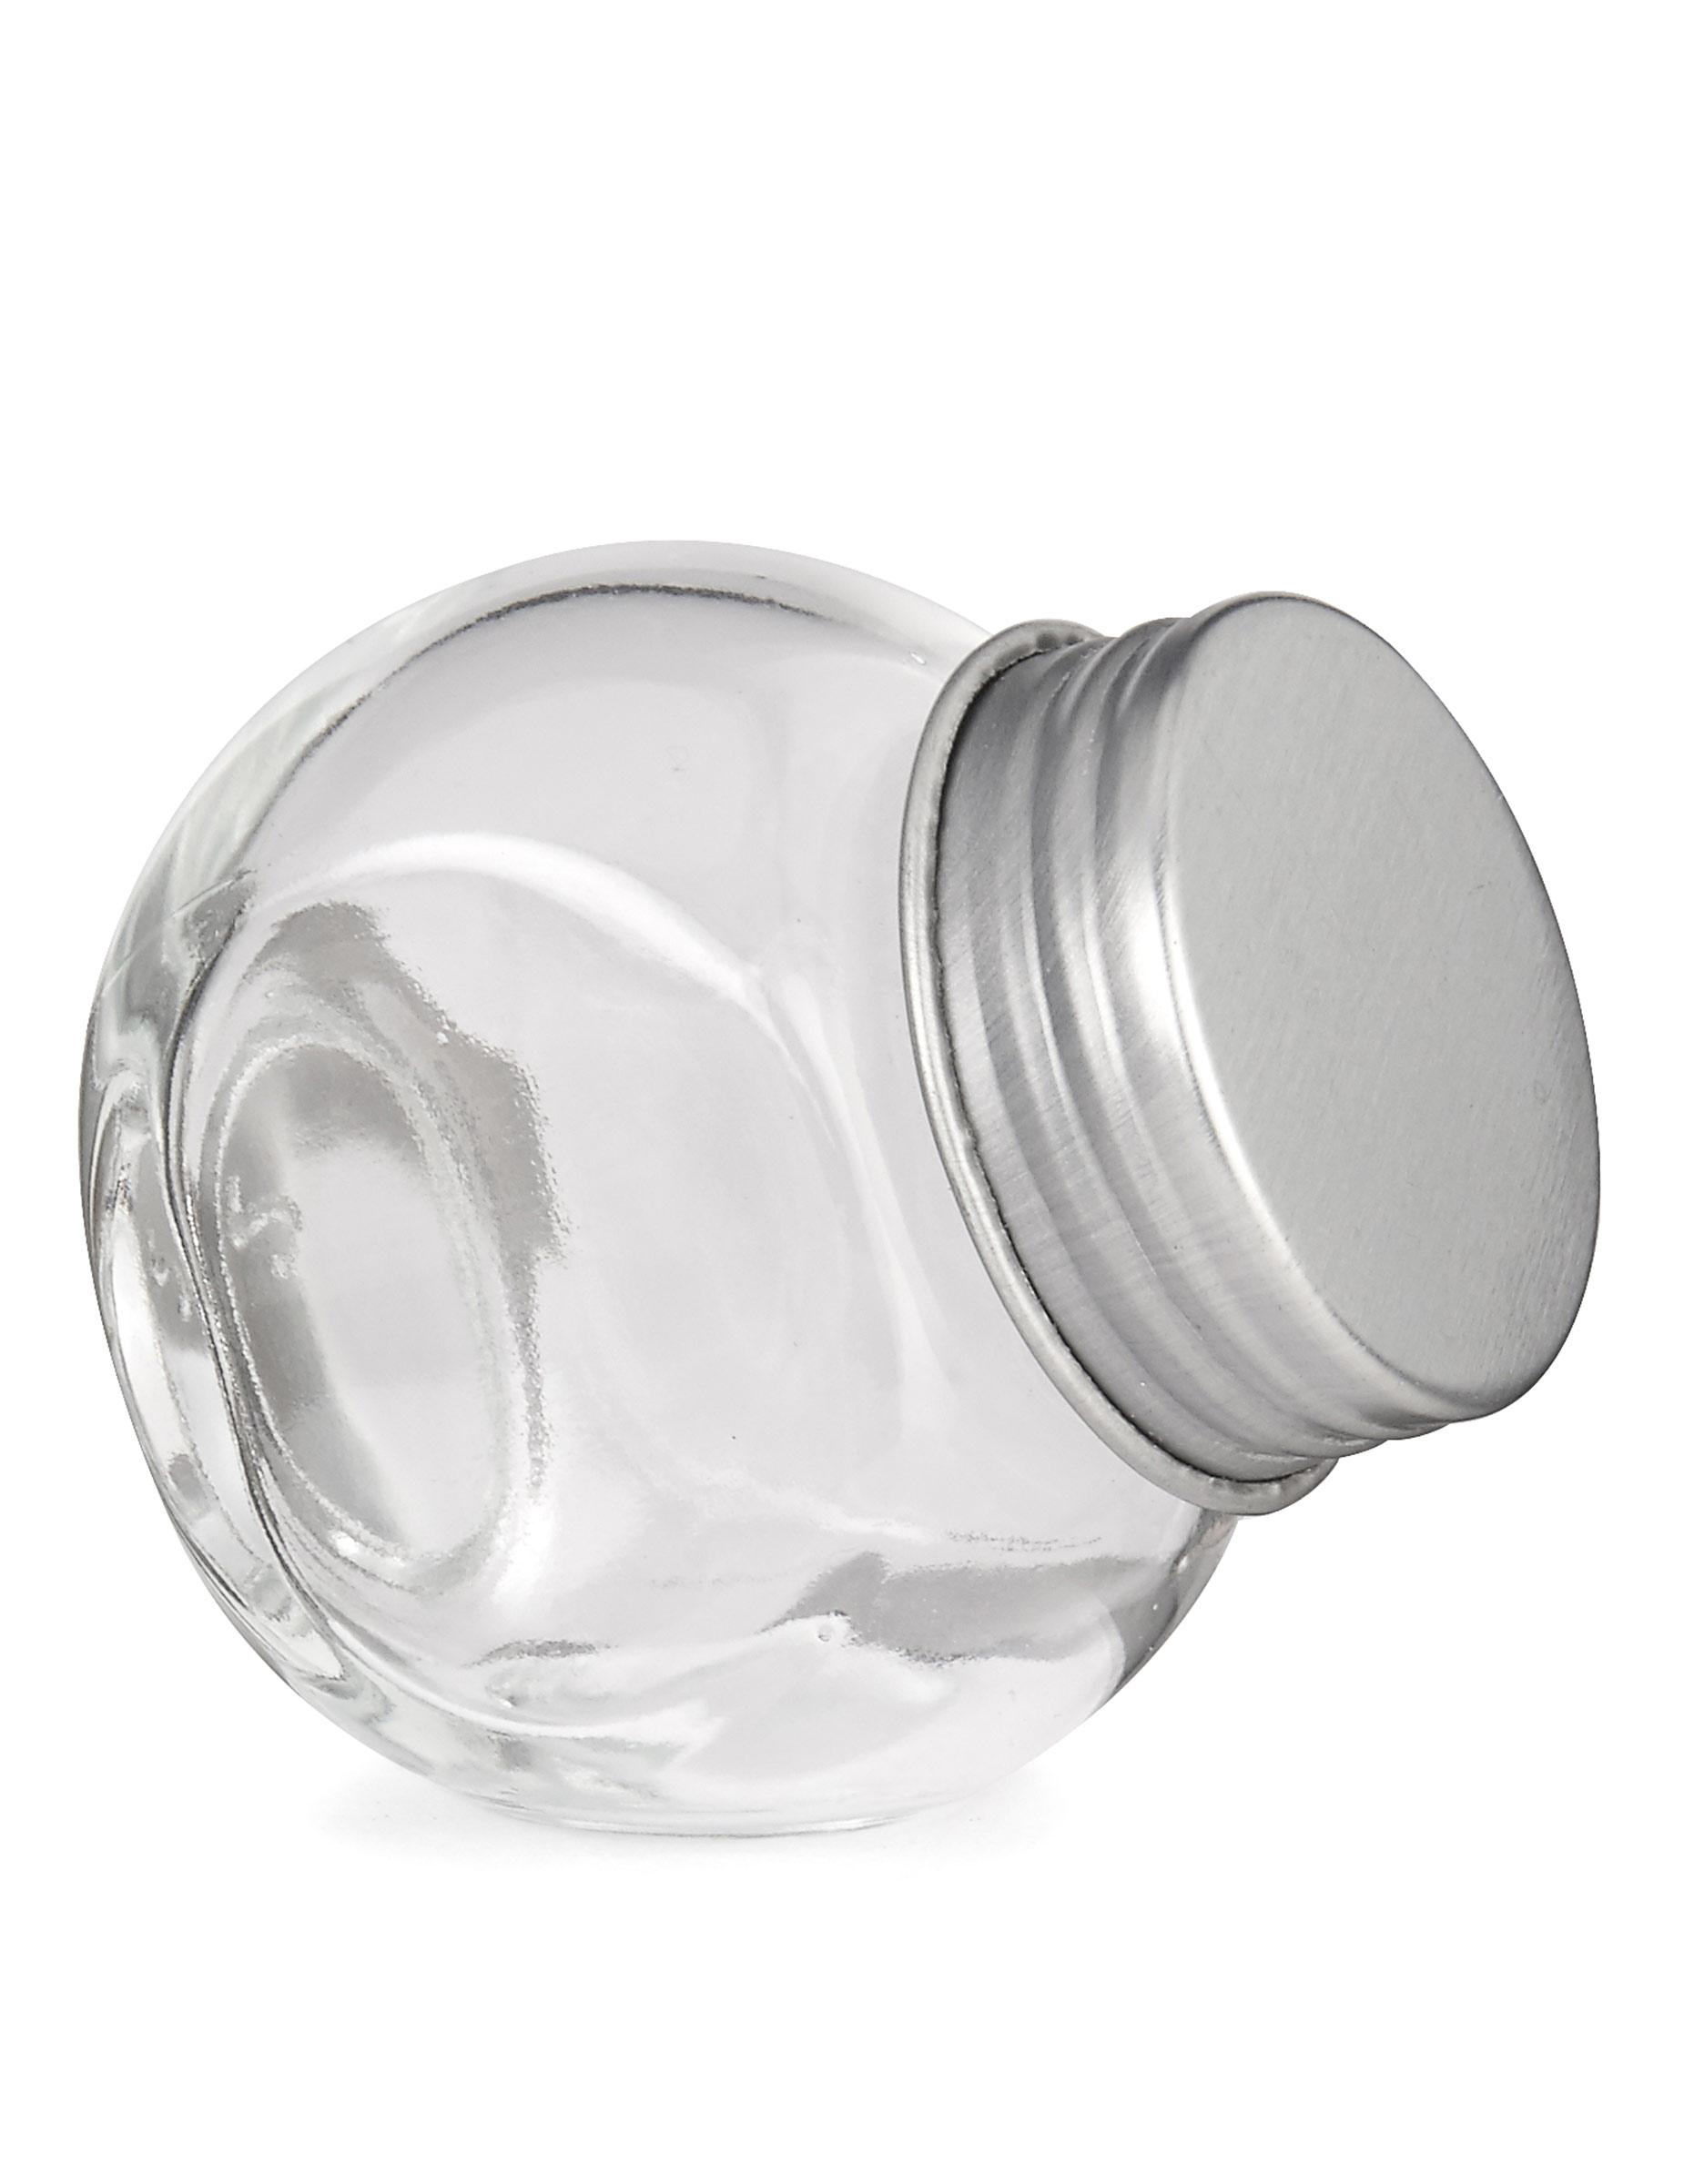 petit pot en verre avec couvercle en acier d 233 coration anniversaire et f 234 tes 224 th 232 me sur vegaoo